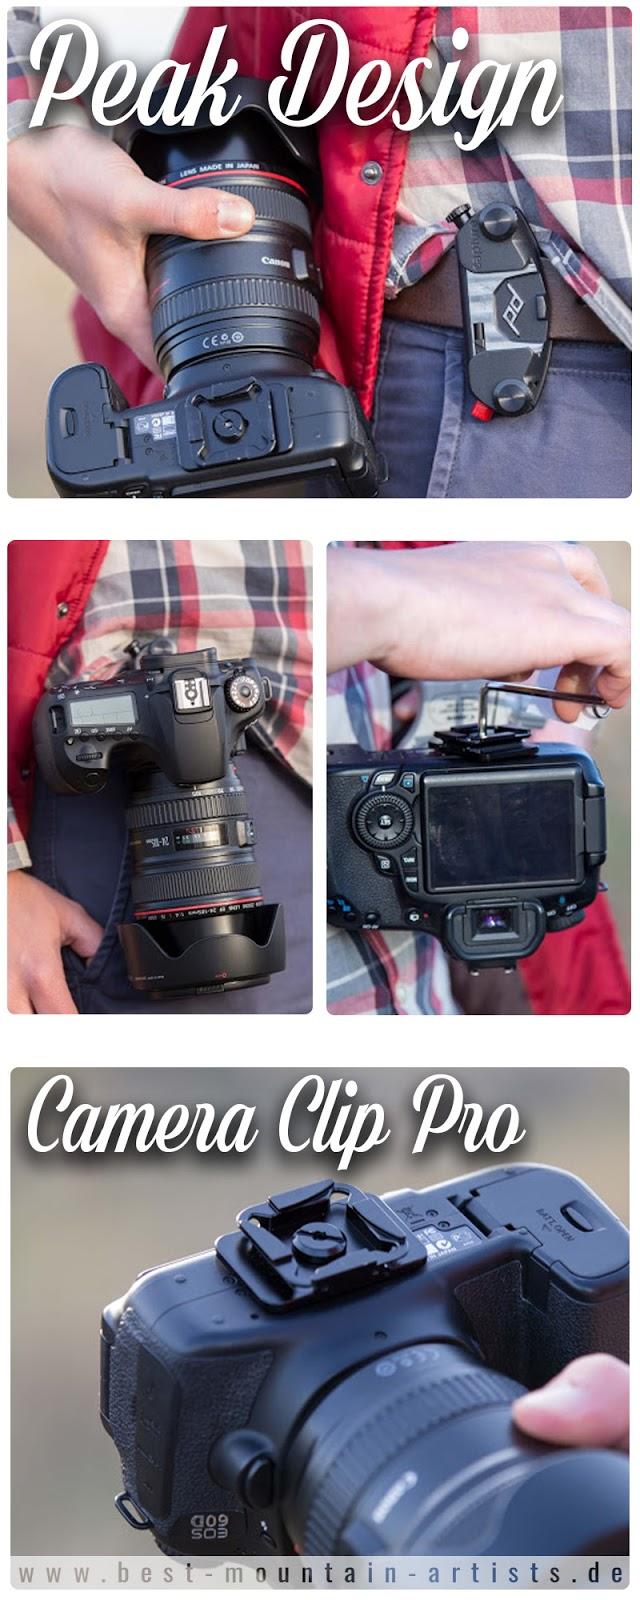 Gear of The Week #GOTW KW 12 | Peak Design Camera Clip Pro | Kamerahalterung mit quick-release Funktion für DSLR und DSLM Kameras